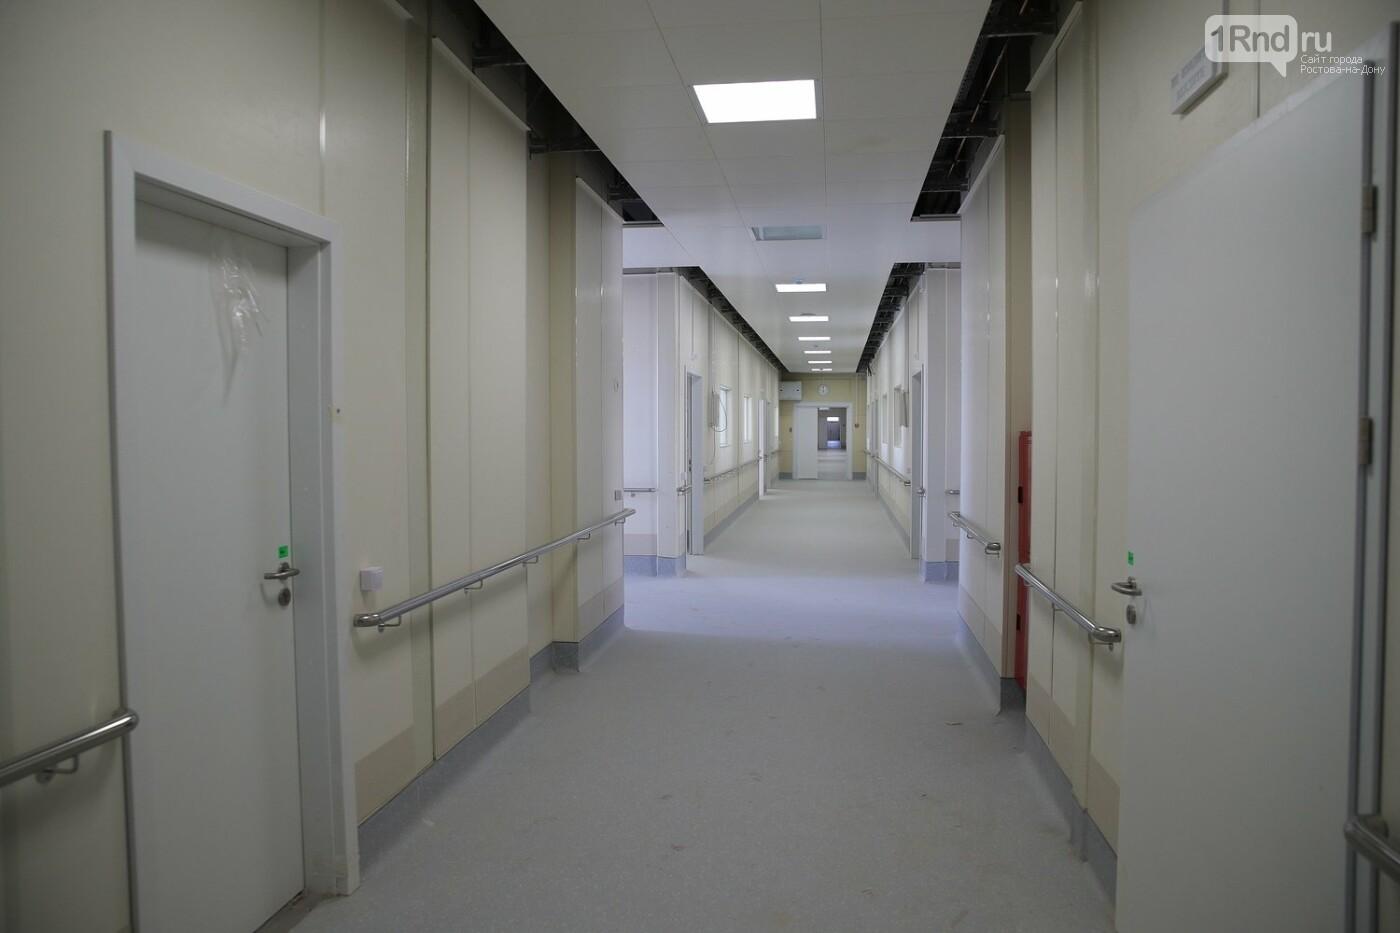 Инфекционная больница Ростова - коридоры и помещения, Фото с сайта ПРО